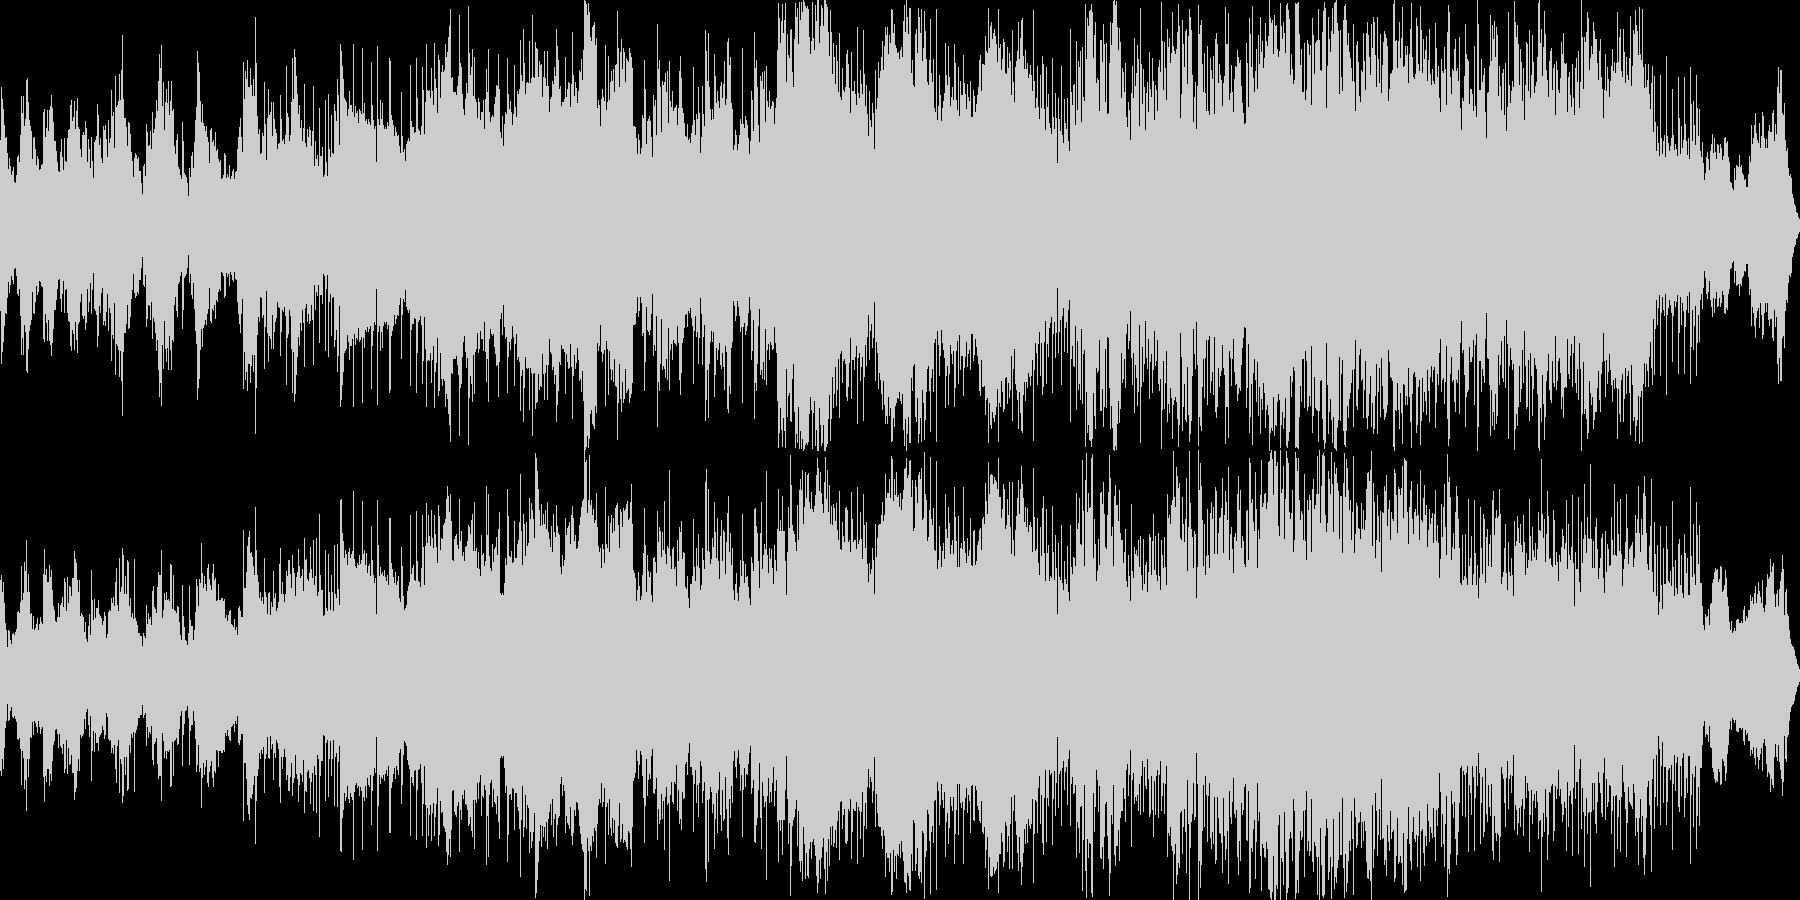 ドンと存在感たっぷりの感動ゴシックメタルの未再生の波形